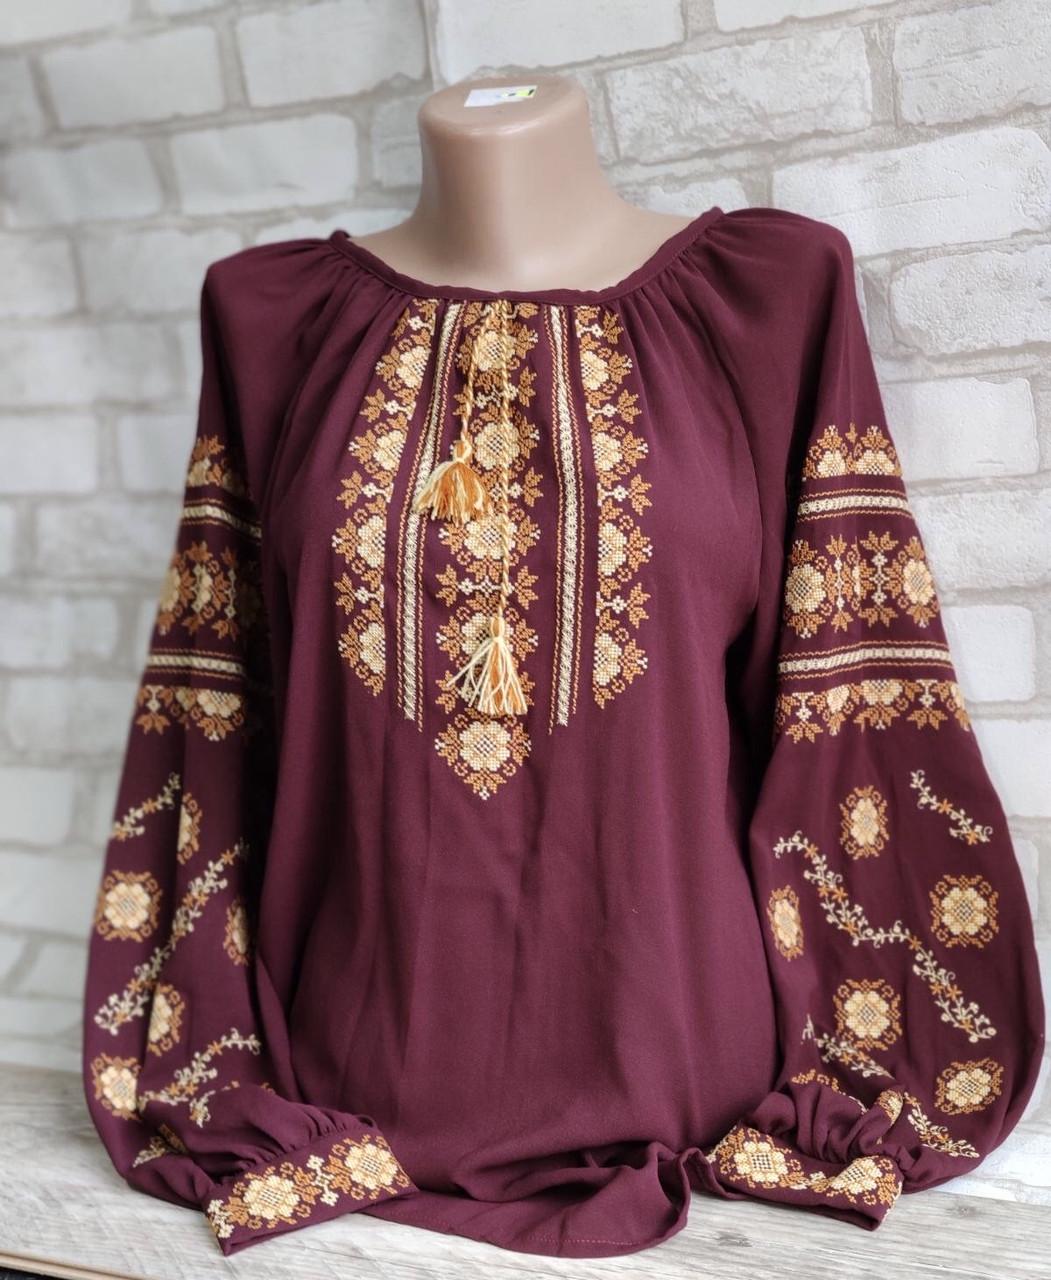 Вишиванка жіноча, з довгим рукавом, блузка з вишивкою на шифоні 520/420 грн (ціна за 1 шт +100 грн)